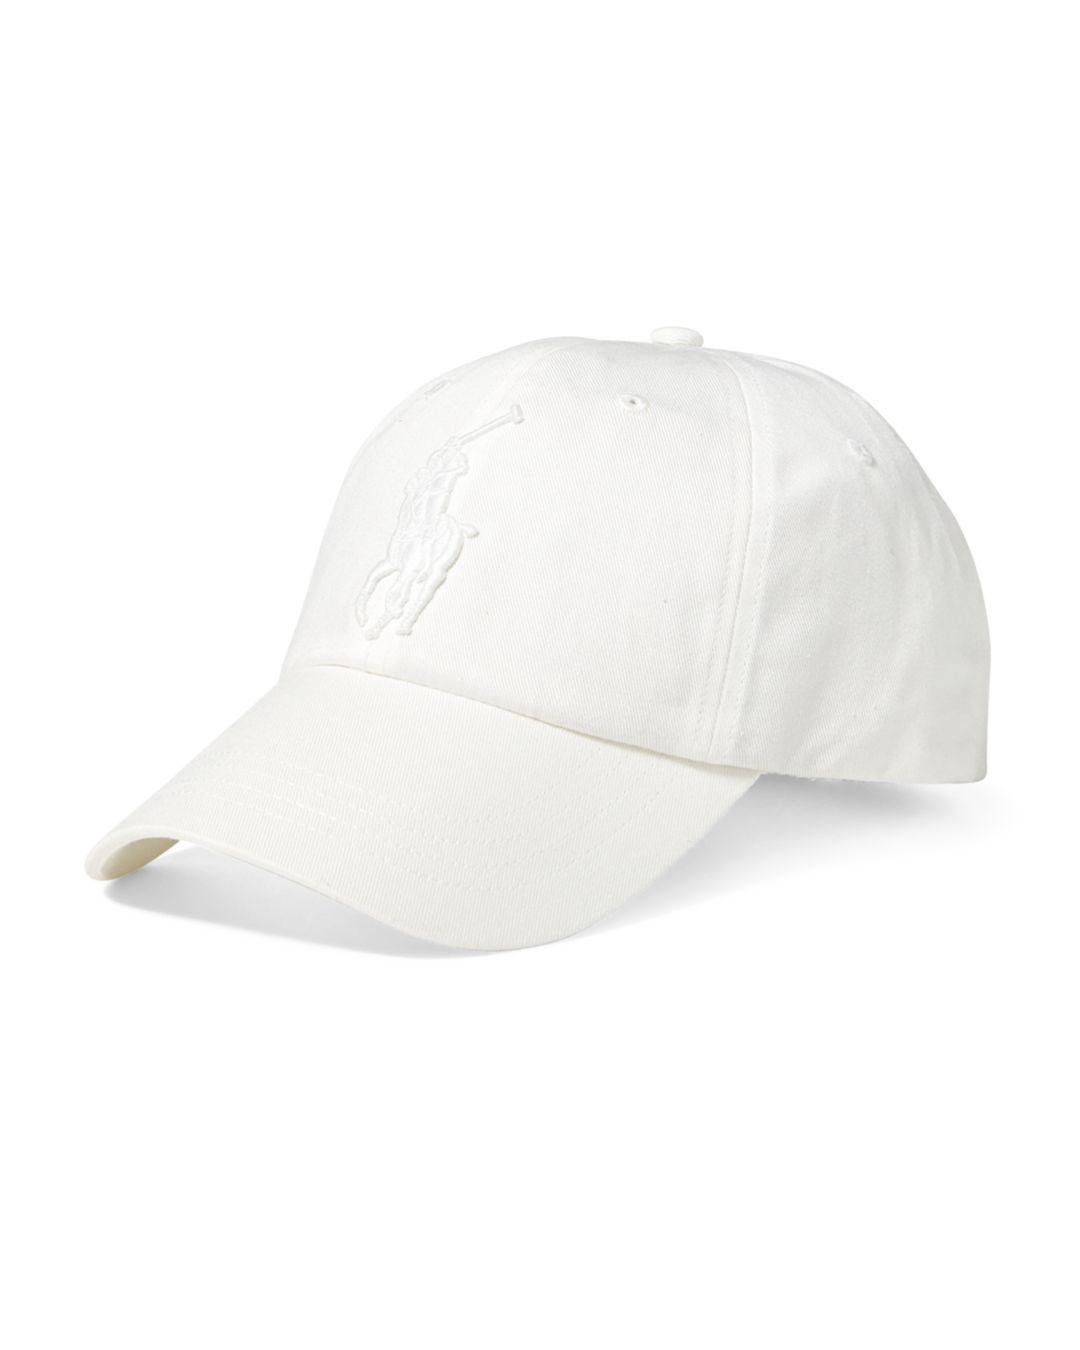 007c623c6 Lyst - Polo Ralph Lauren Chino Baseball Cap in White for Men